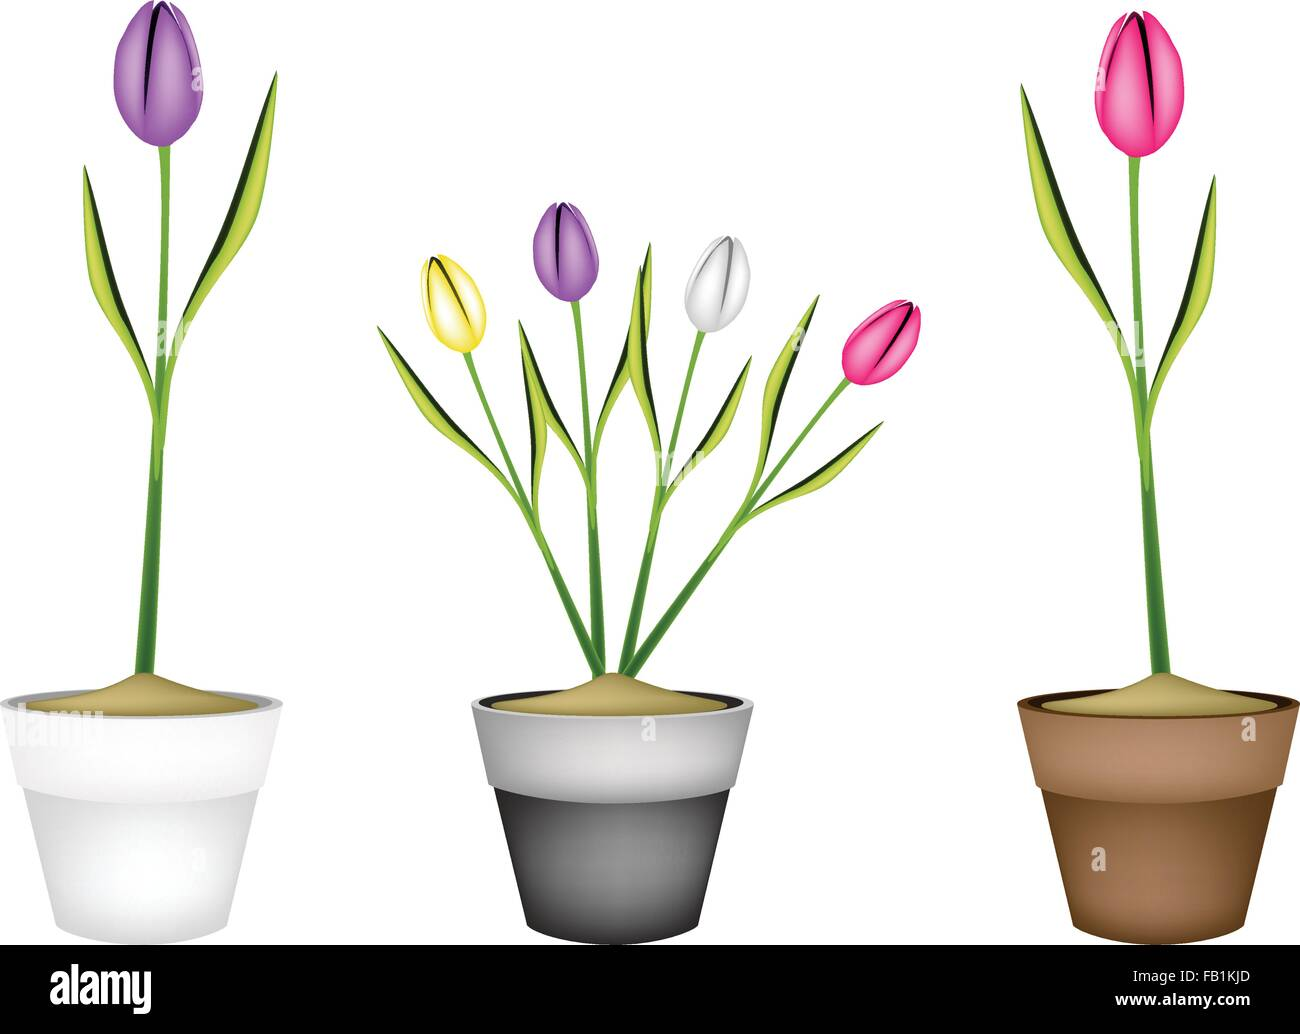 Schone Blume Illustration Sammlung Von Schonen Fruhling Tulpen In